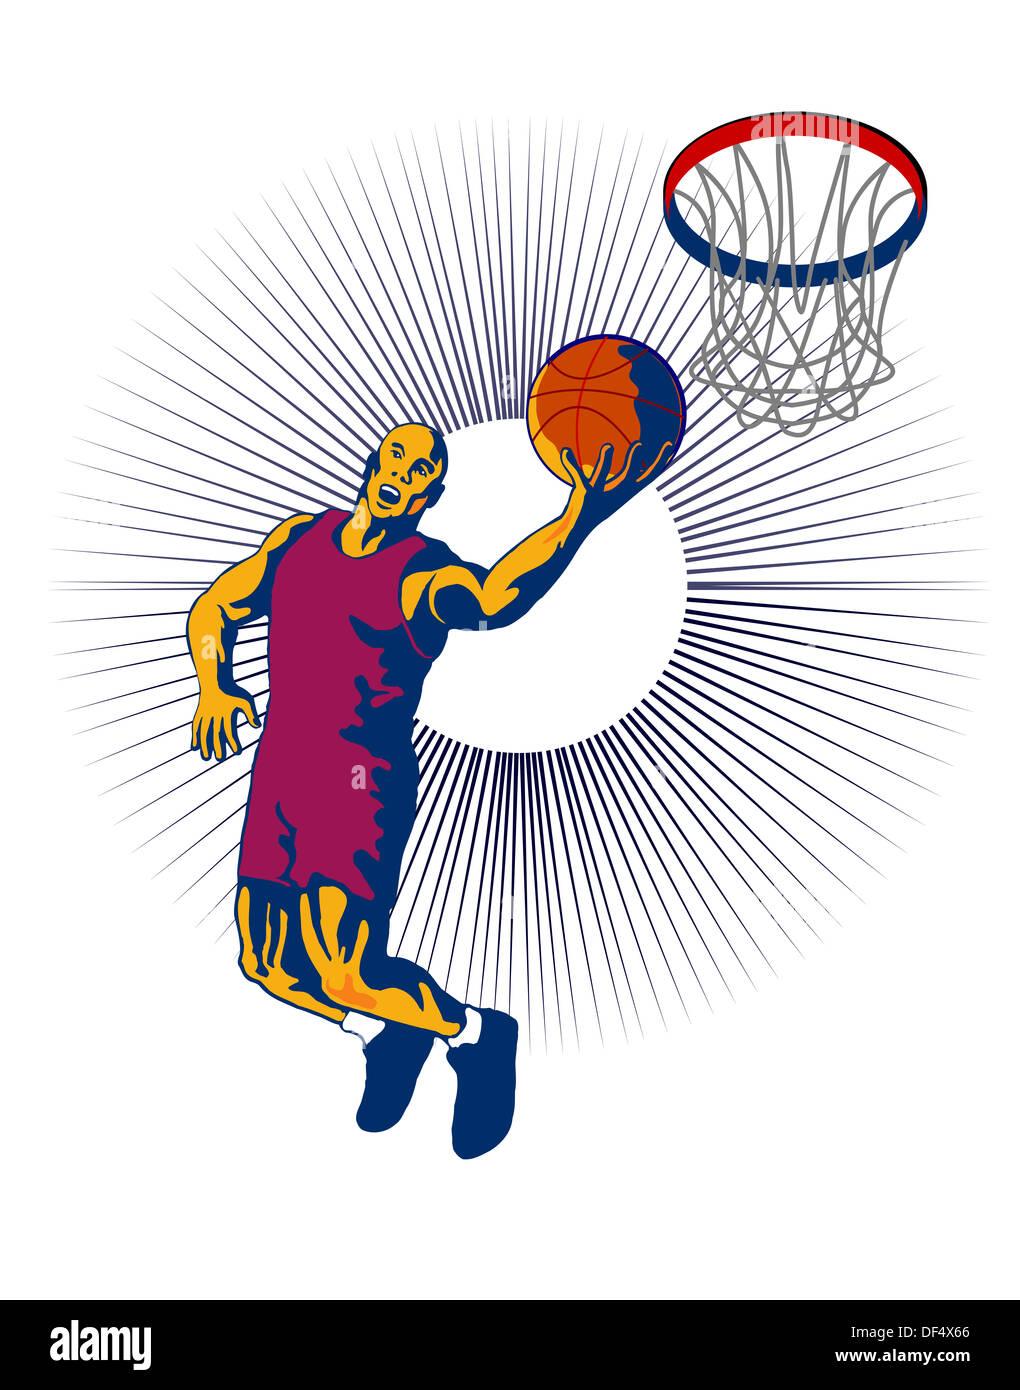 Gemütlich Professionelle Basketball Spieler Lebenslauf Probe Ideen ...